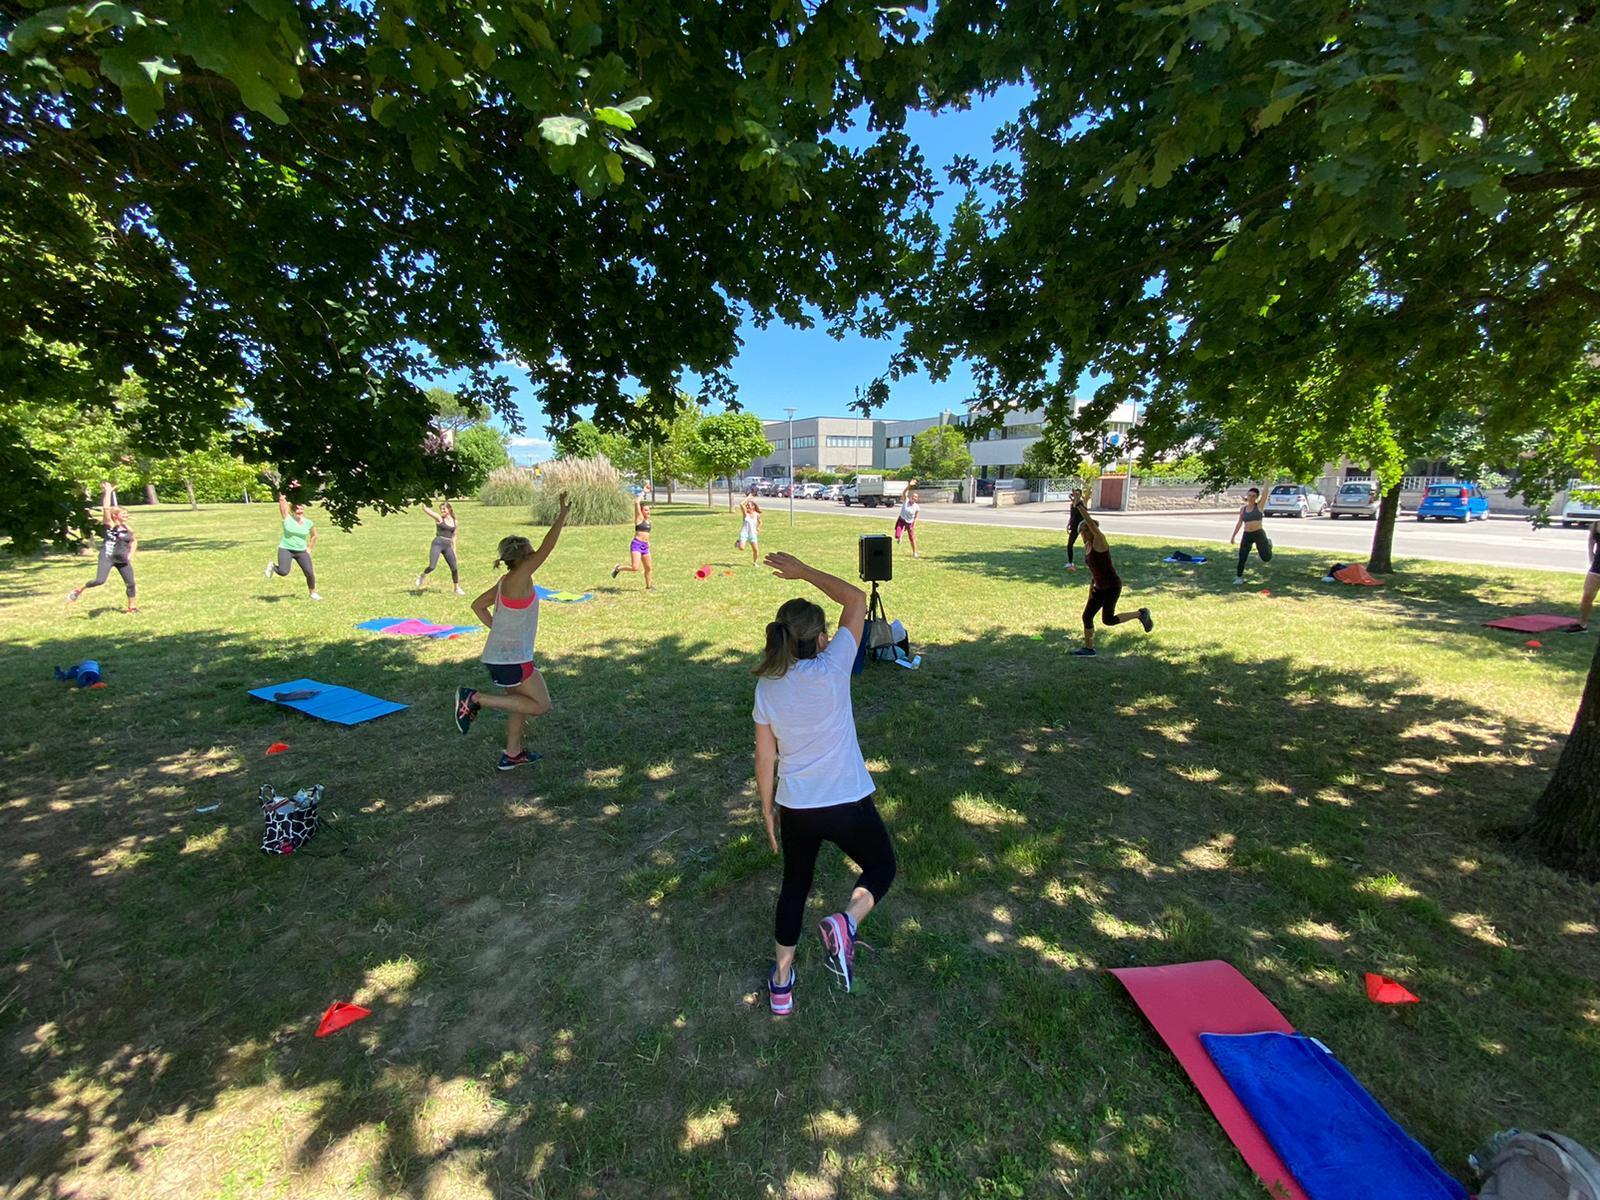 Serravalle P.se: messi a disposizione spazi all'aperto per fitness e altre attività sportive